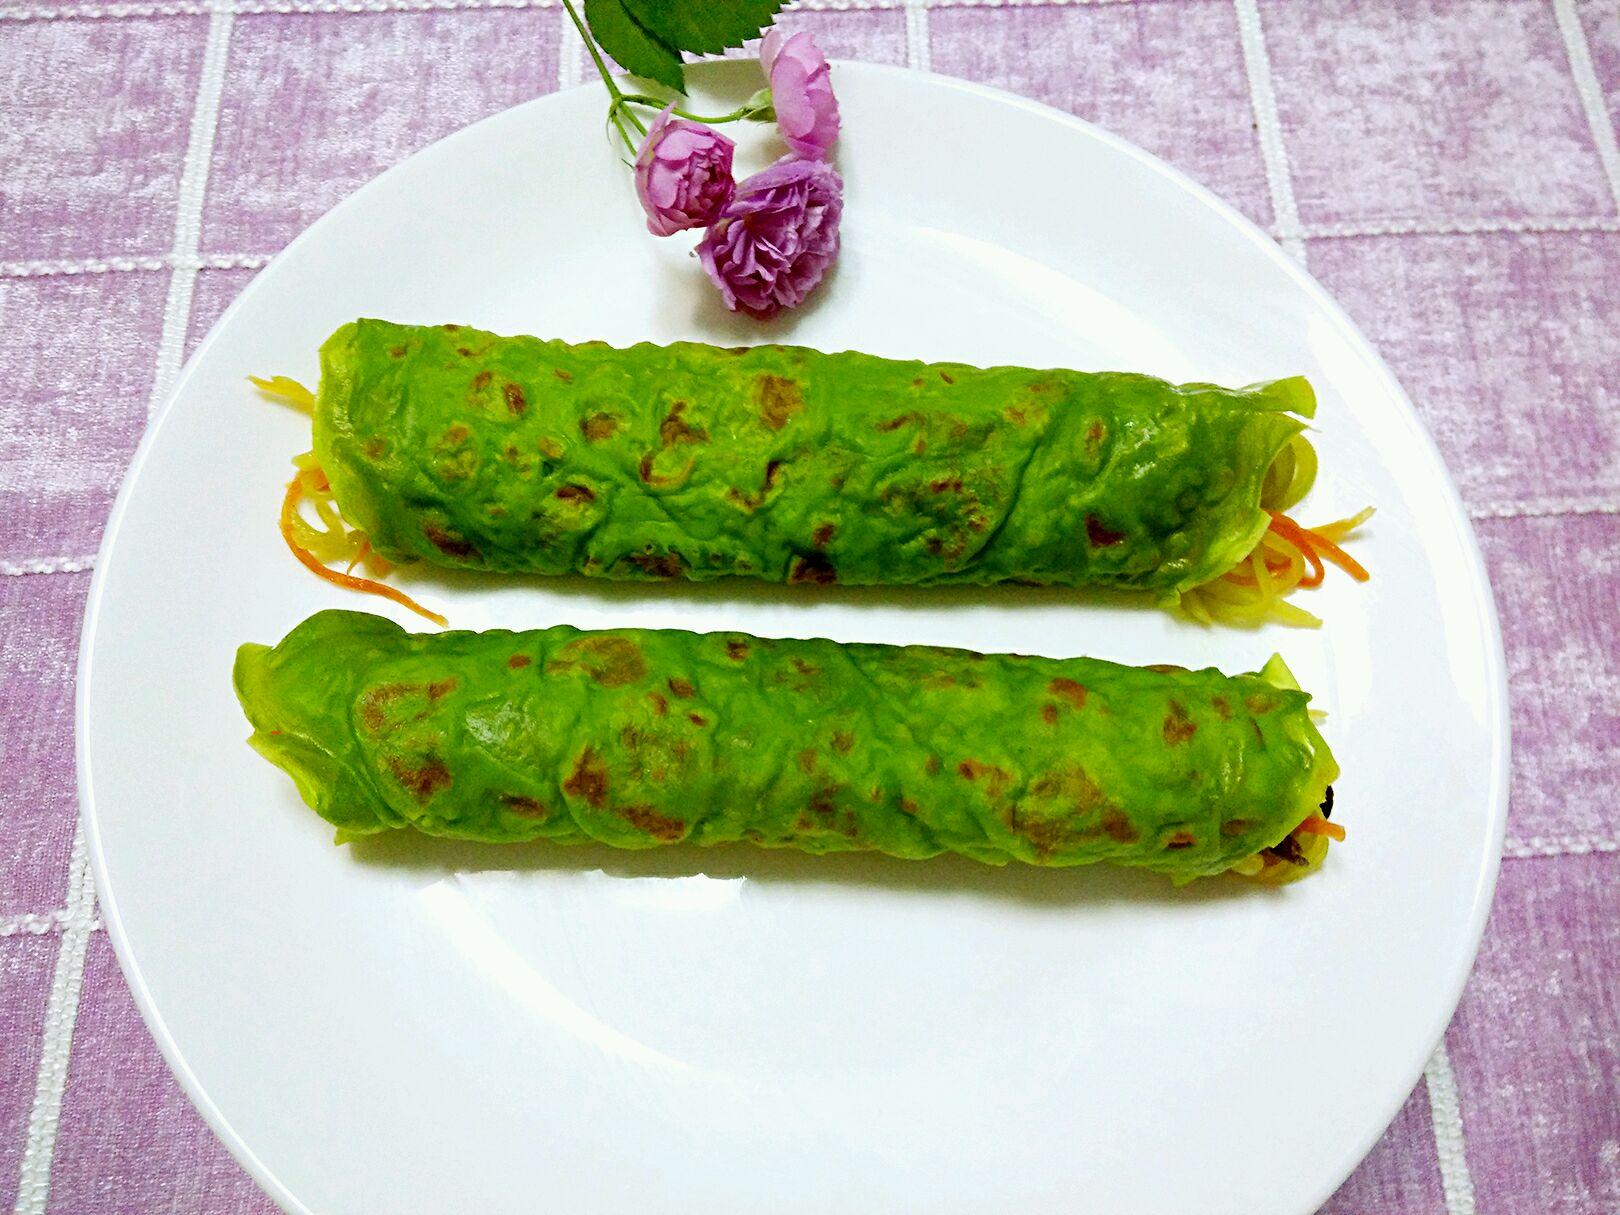 菠菜煎饼#春天中的一抹绿色